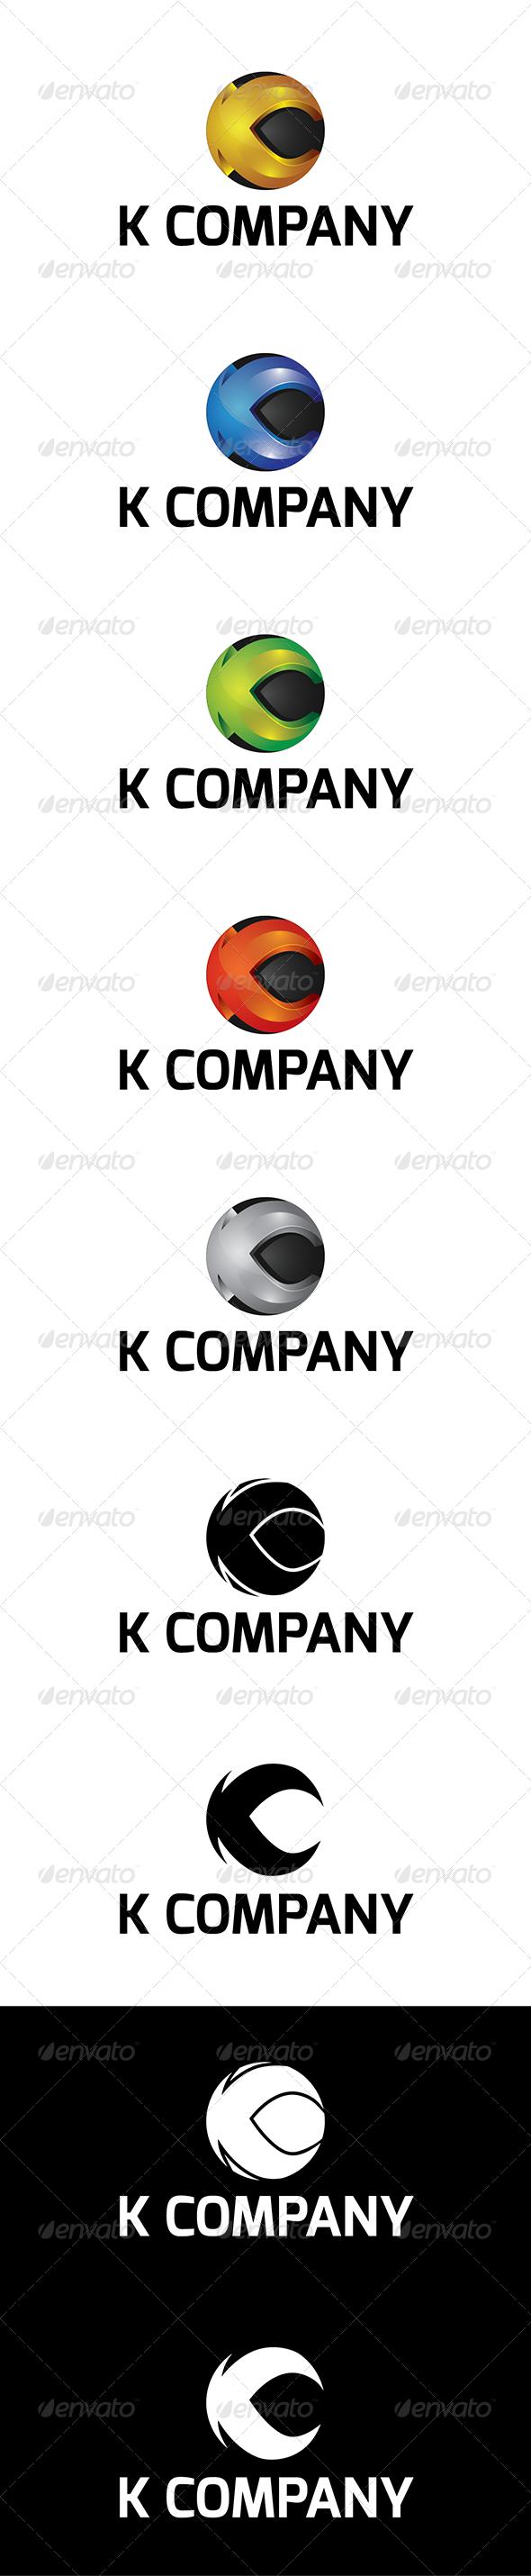 K Company Logo - Company Logo Templates